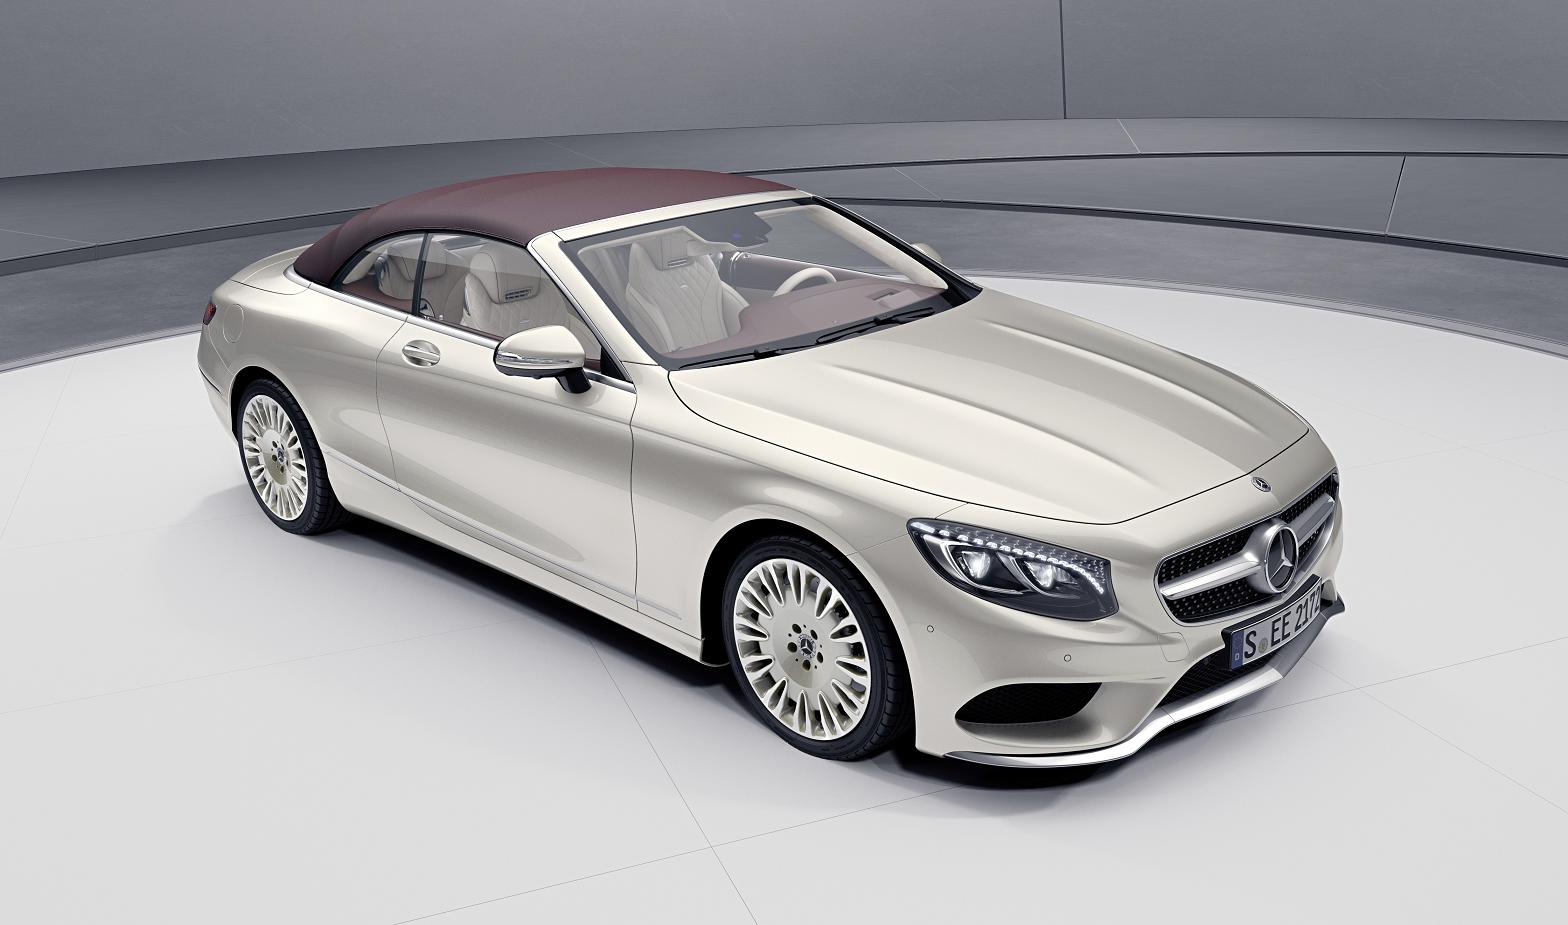 Mercedes-Benz apresenta novos modelos especiais Classe S Coupé e Cabrio